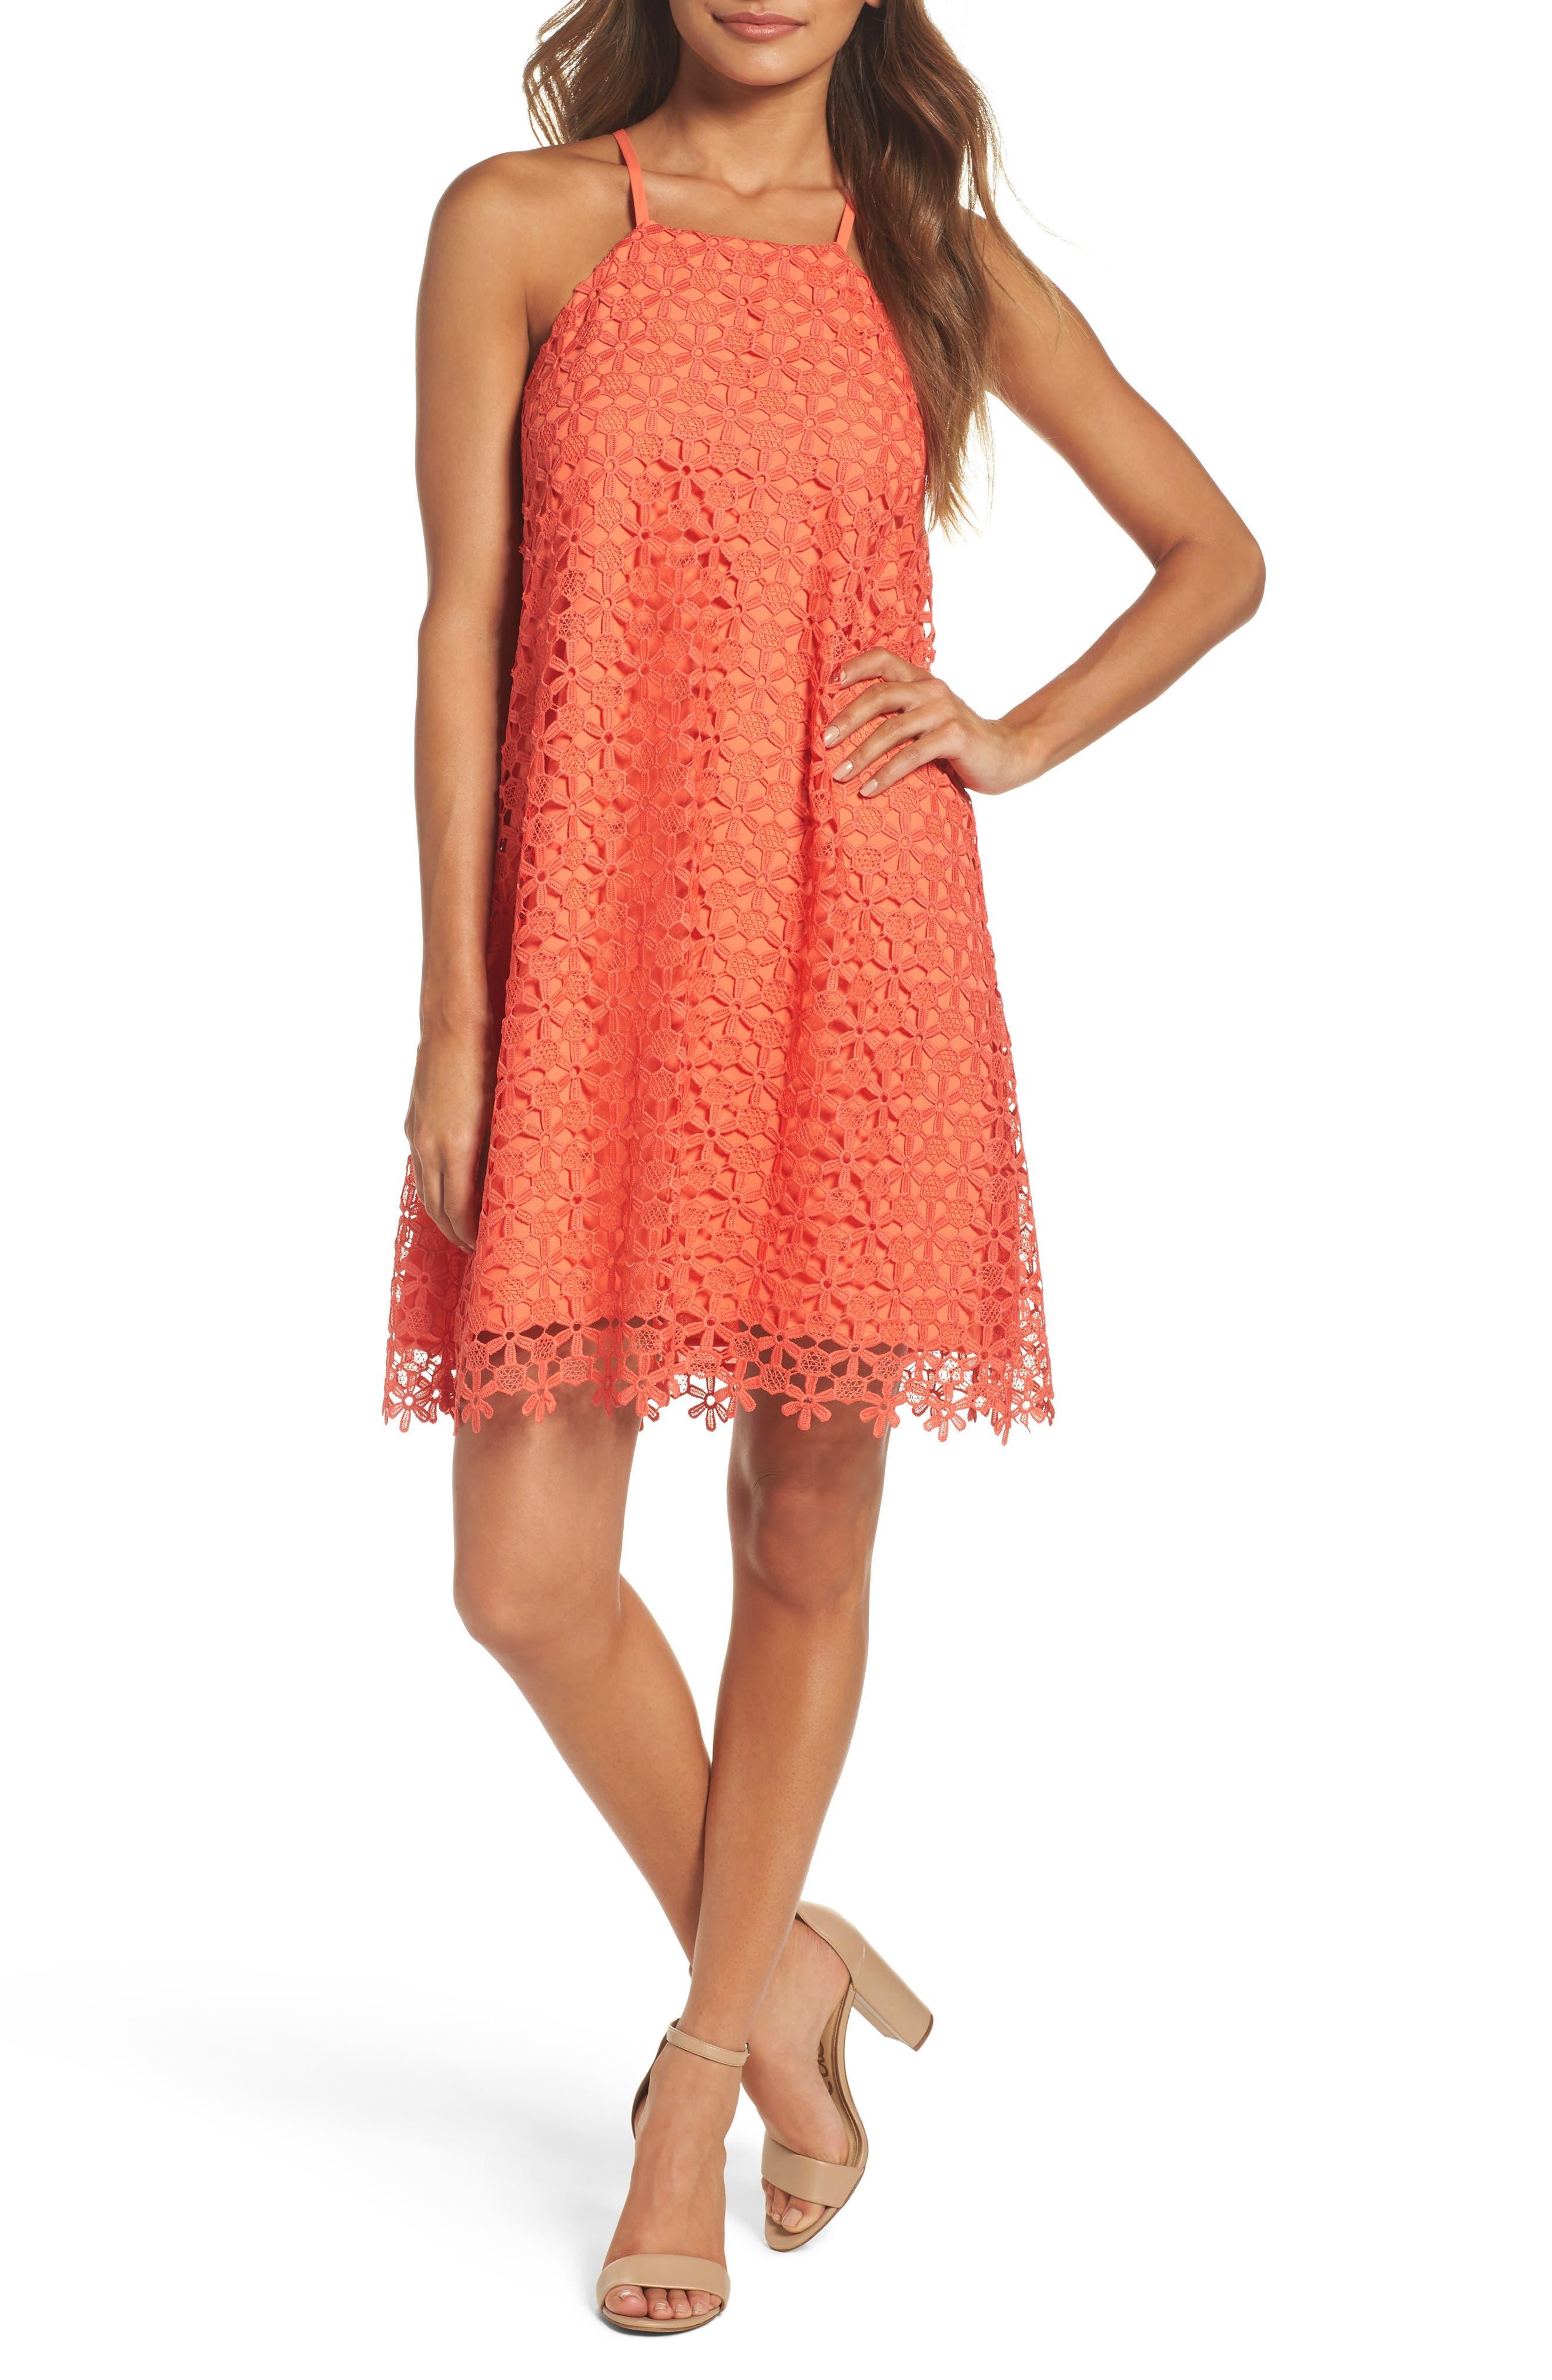 Chelsea28 Floral Lace Trapeze Halter Dress